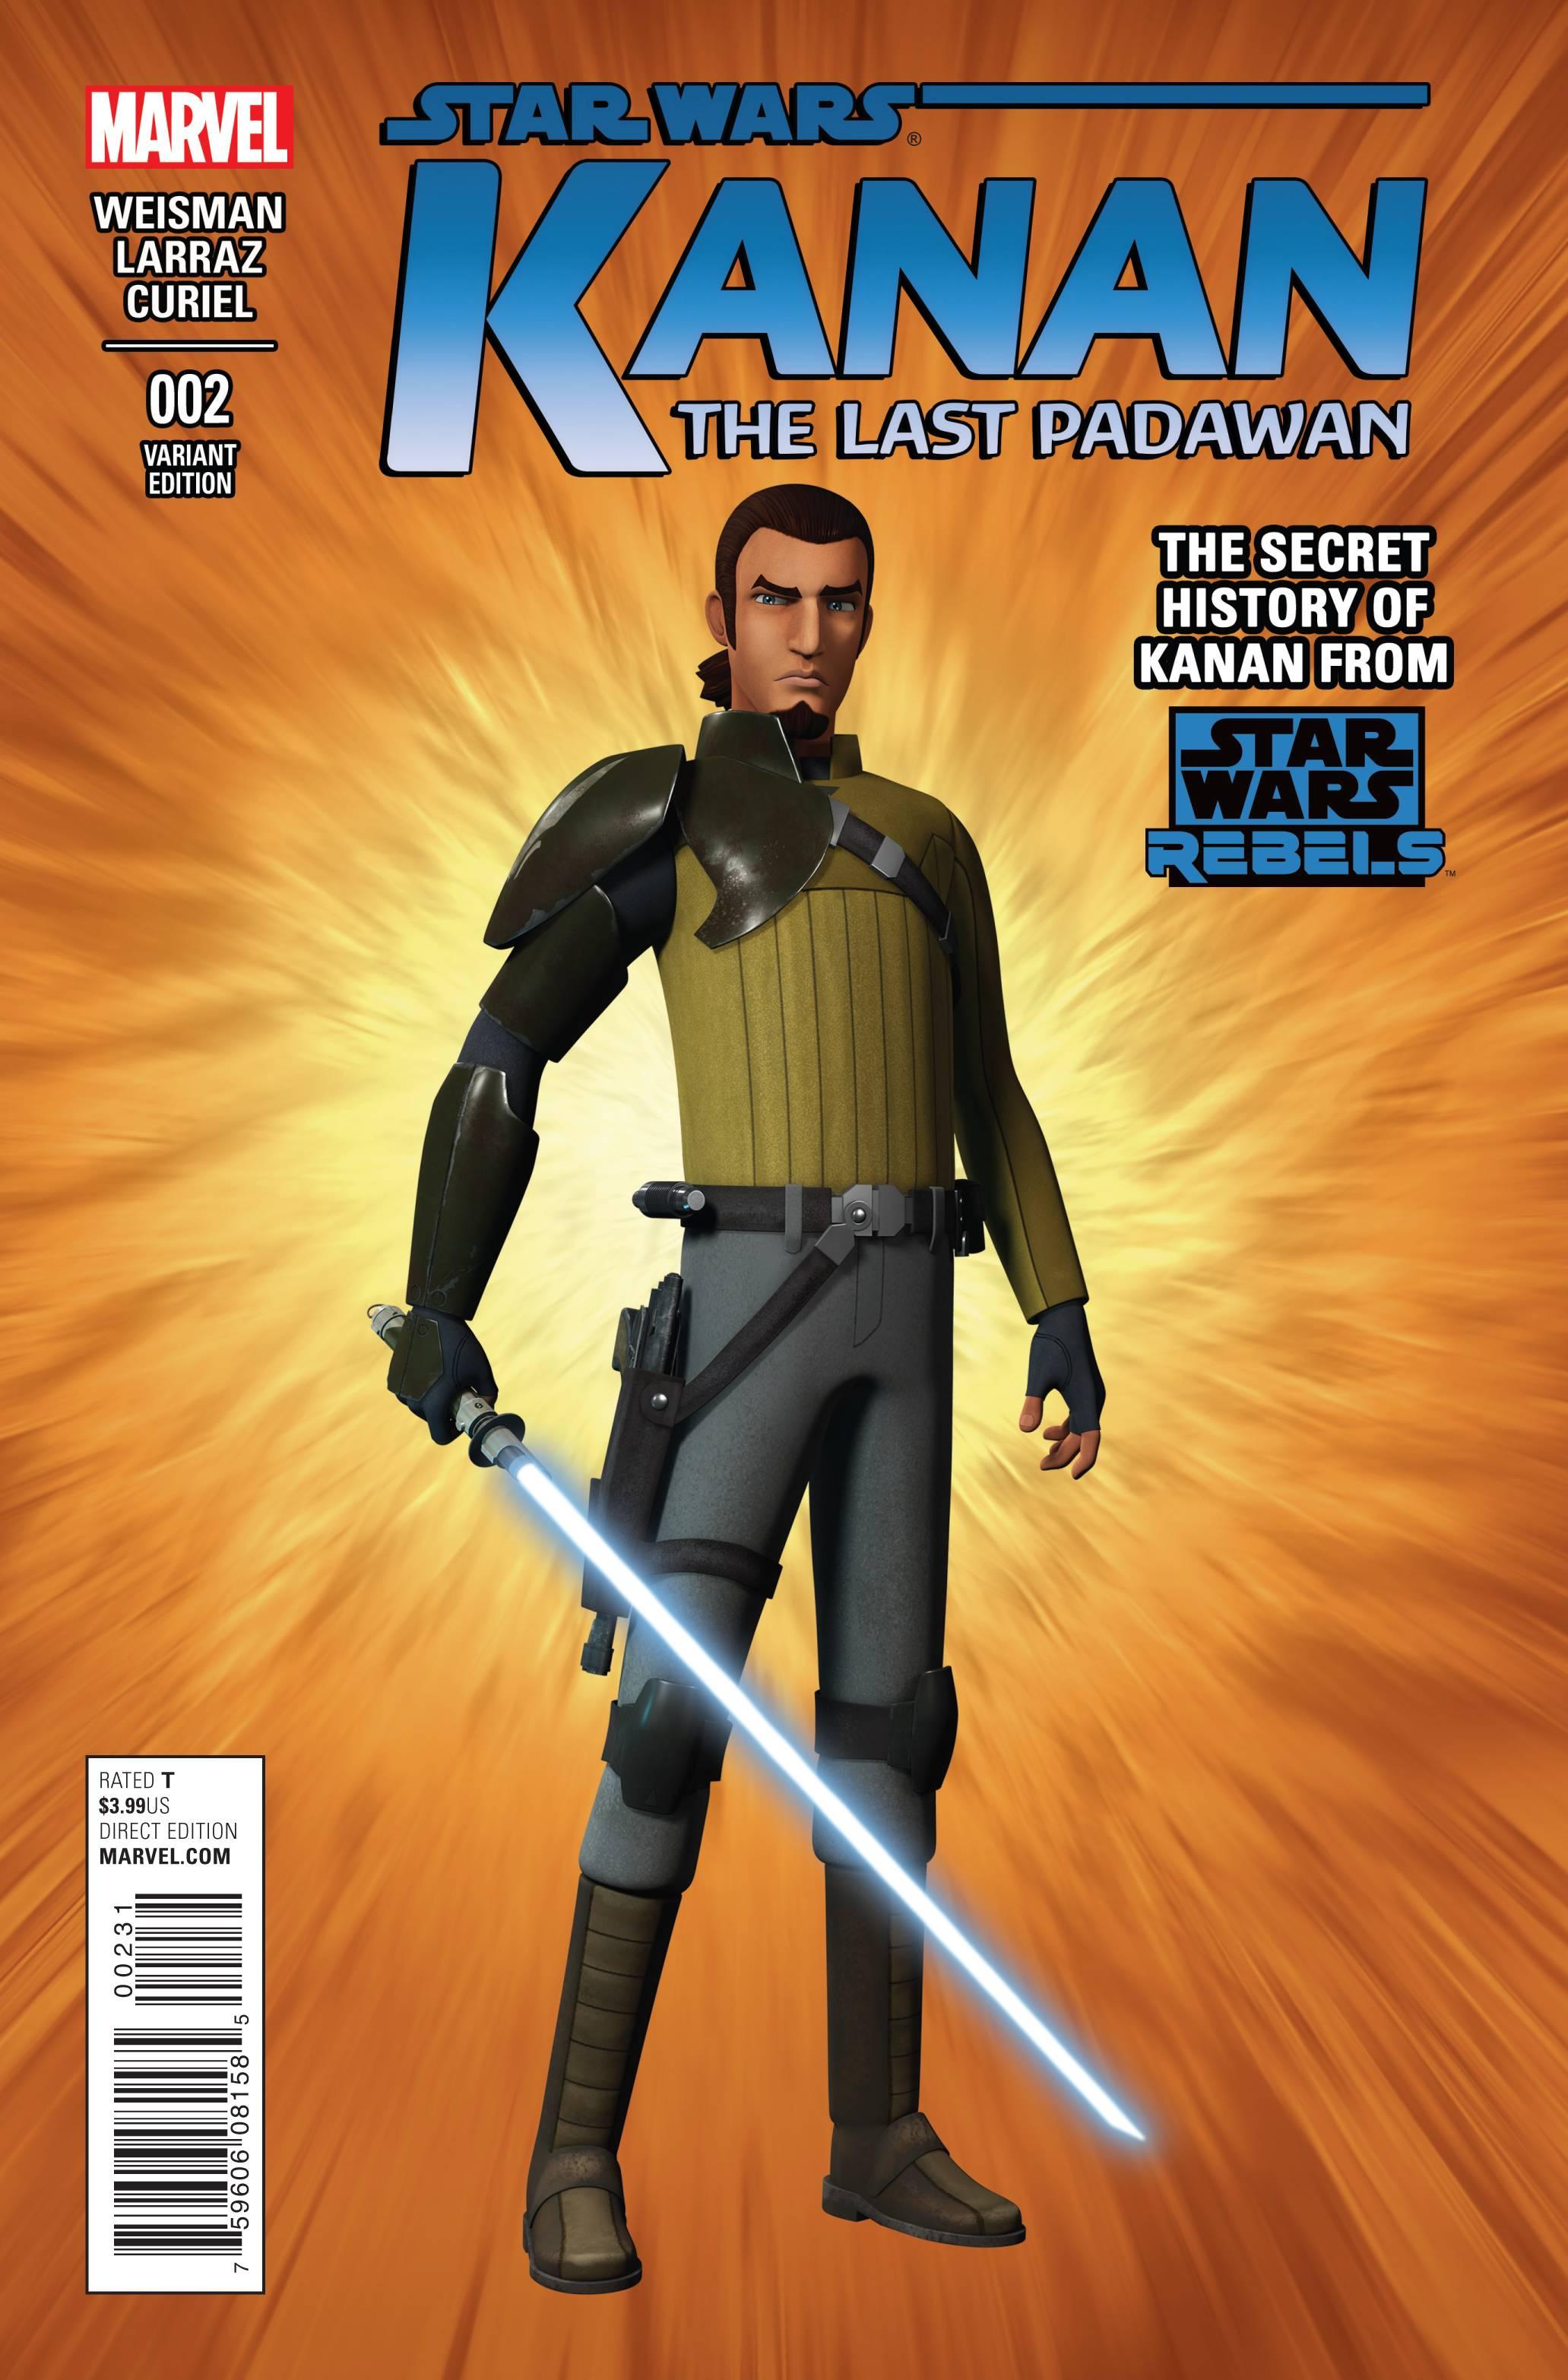 Kanan: The Last Padawan #2 (Star Wars Rebels Television Show Variant Cover) (06.05.2015)